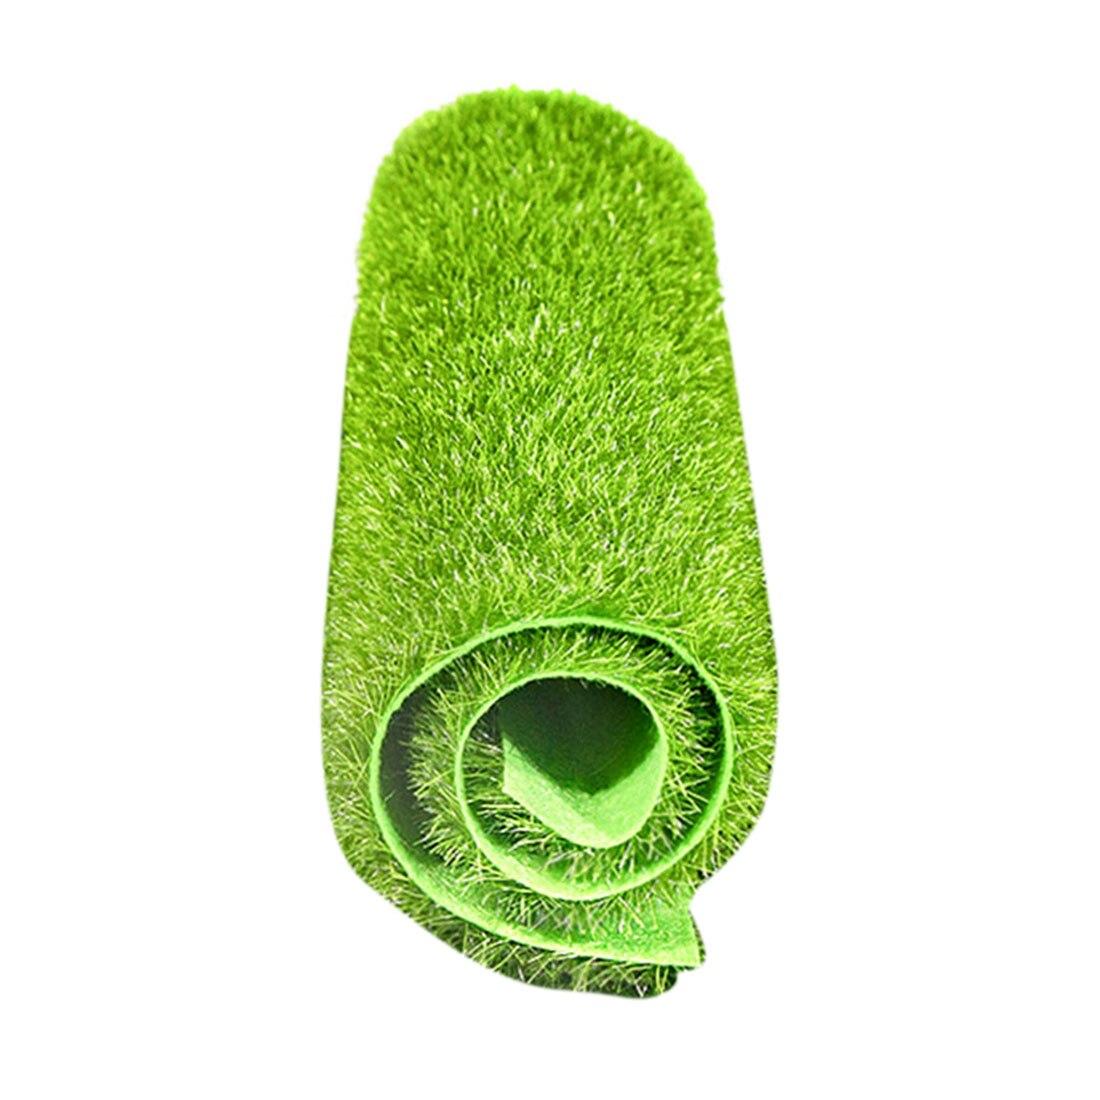 1pcs 30 X 30cm Artificial Grassland Grass Lawn Turf Grass For Garden Decor 2020 New Arrival  - Green